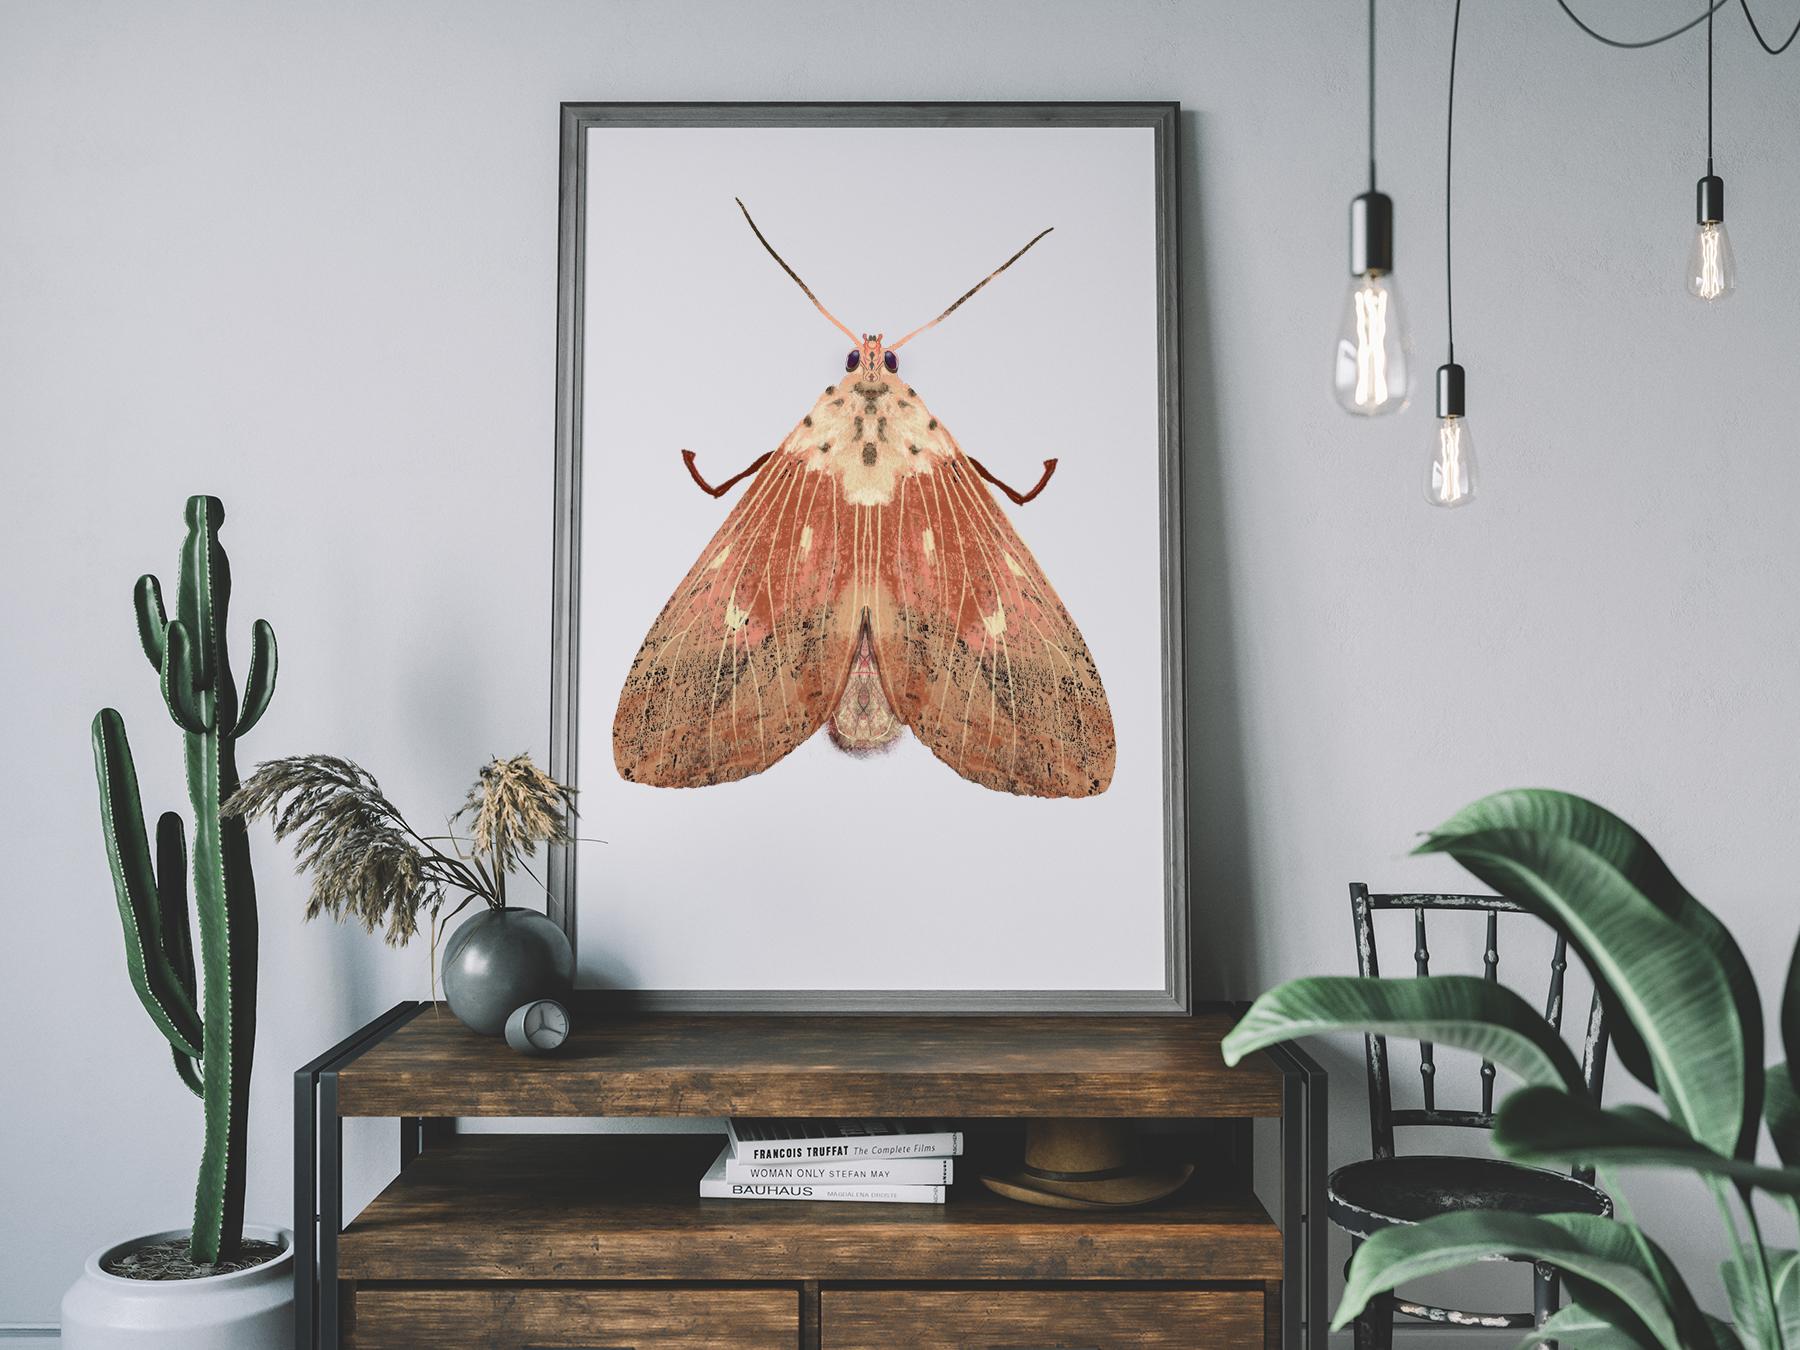 Oud roze mot illustratie A3 print Angela Peters, NatuurlijkAngelart